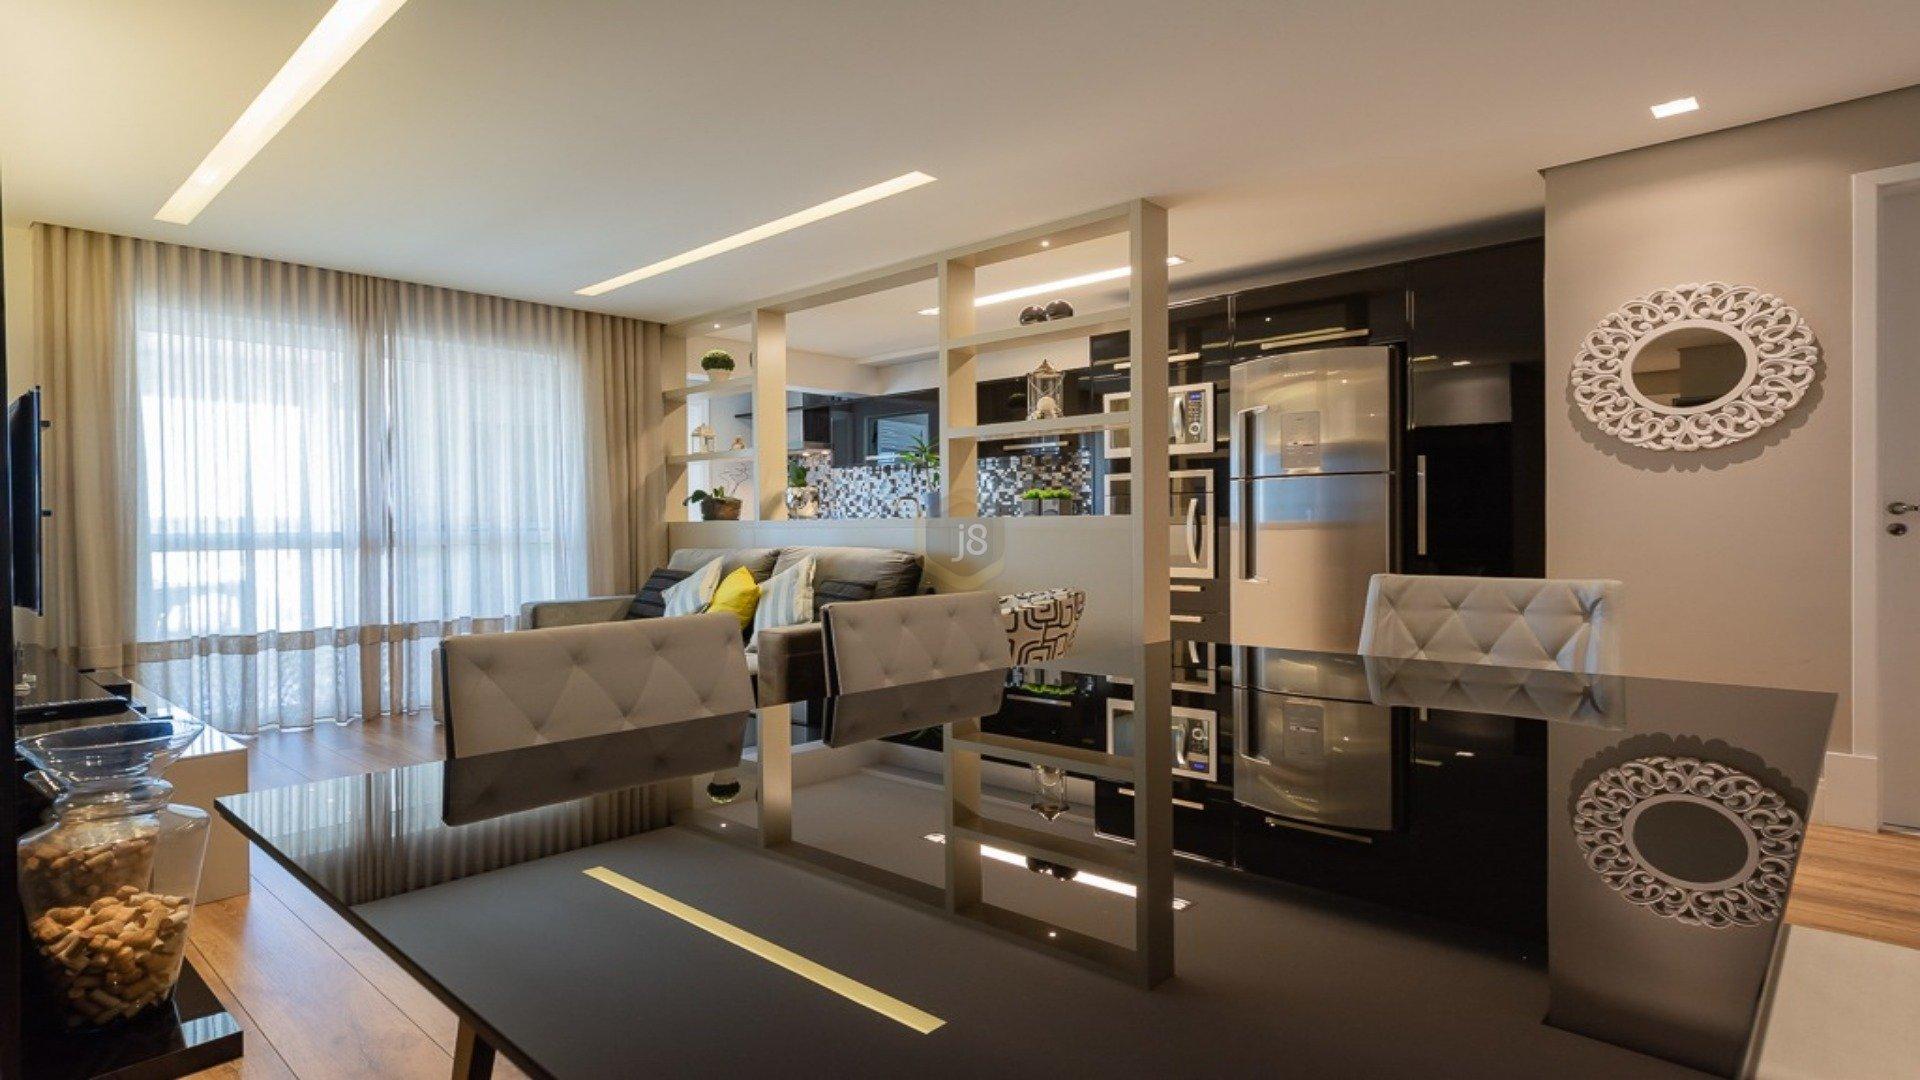 Foto de destaque Apartamento moderno, prático e completo